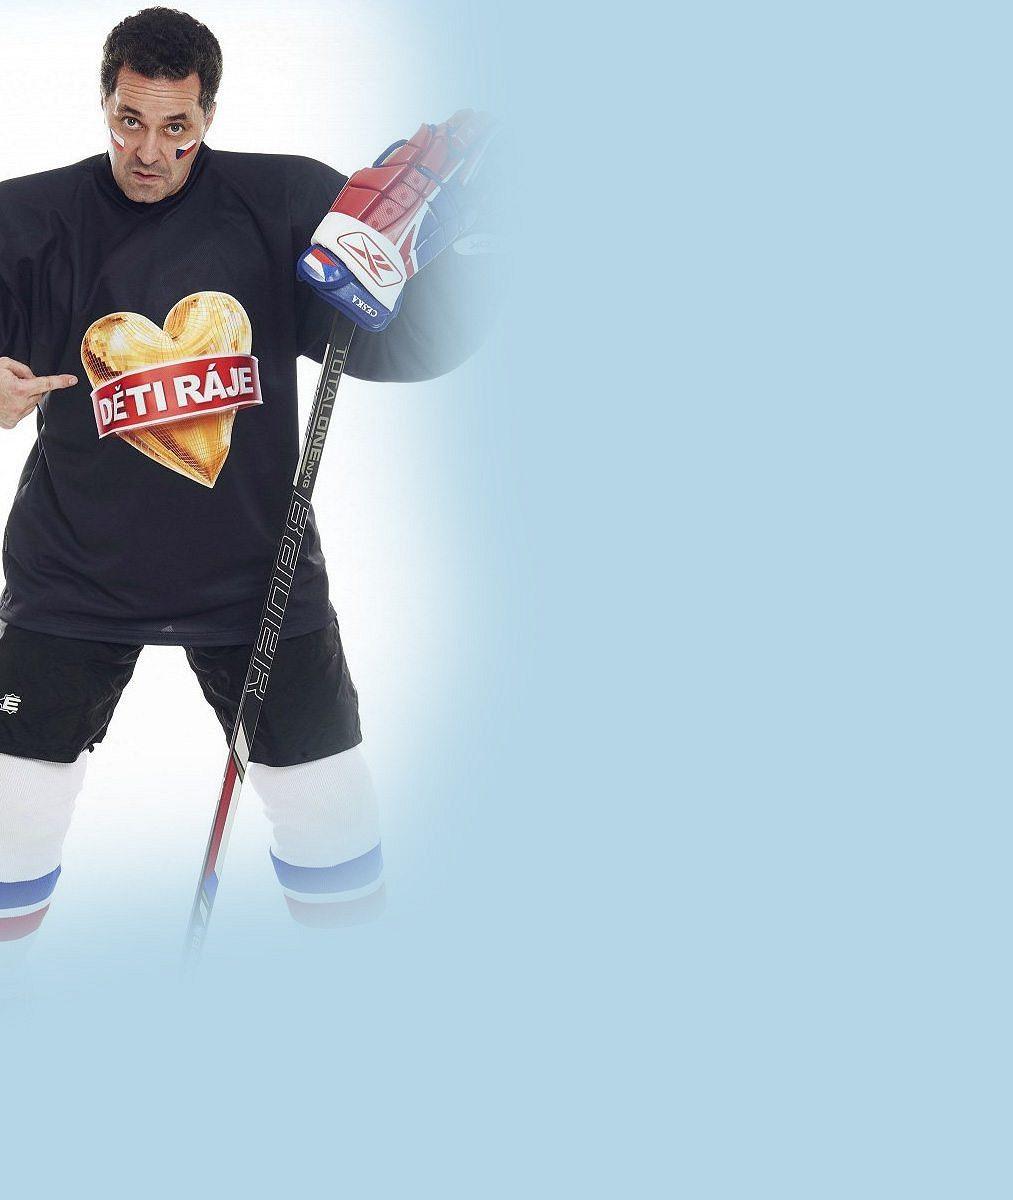 Dejdar už po operaci zase skáče přes kaluže: Fandí hokejistům a piluje novou roli